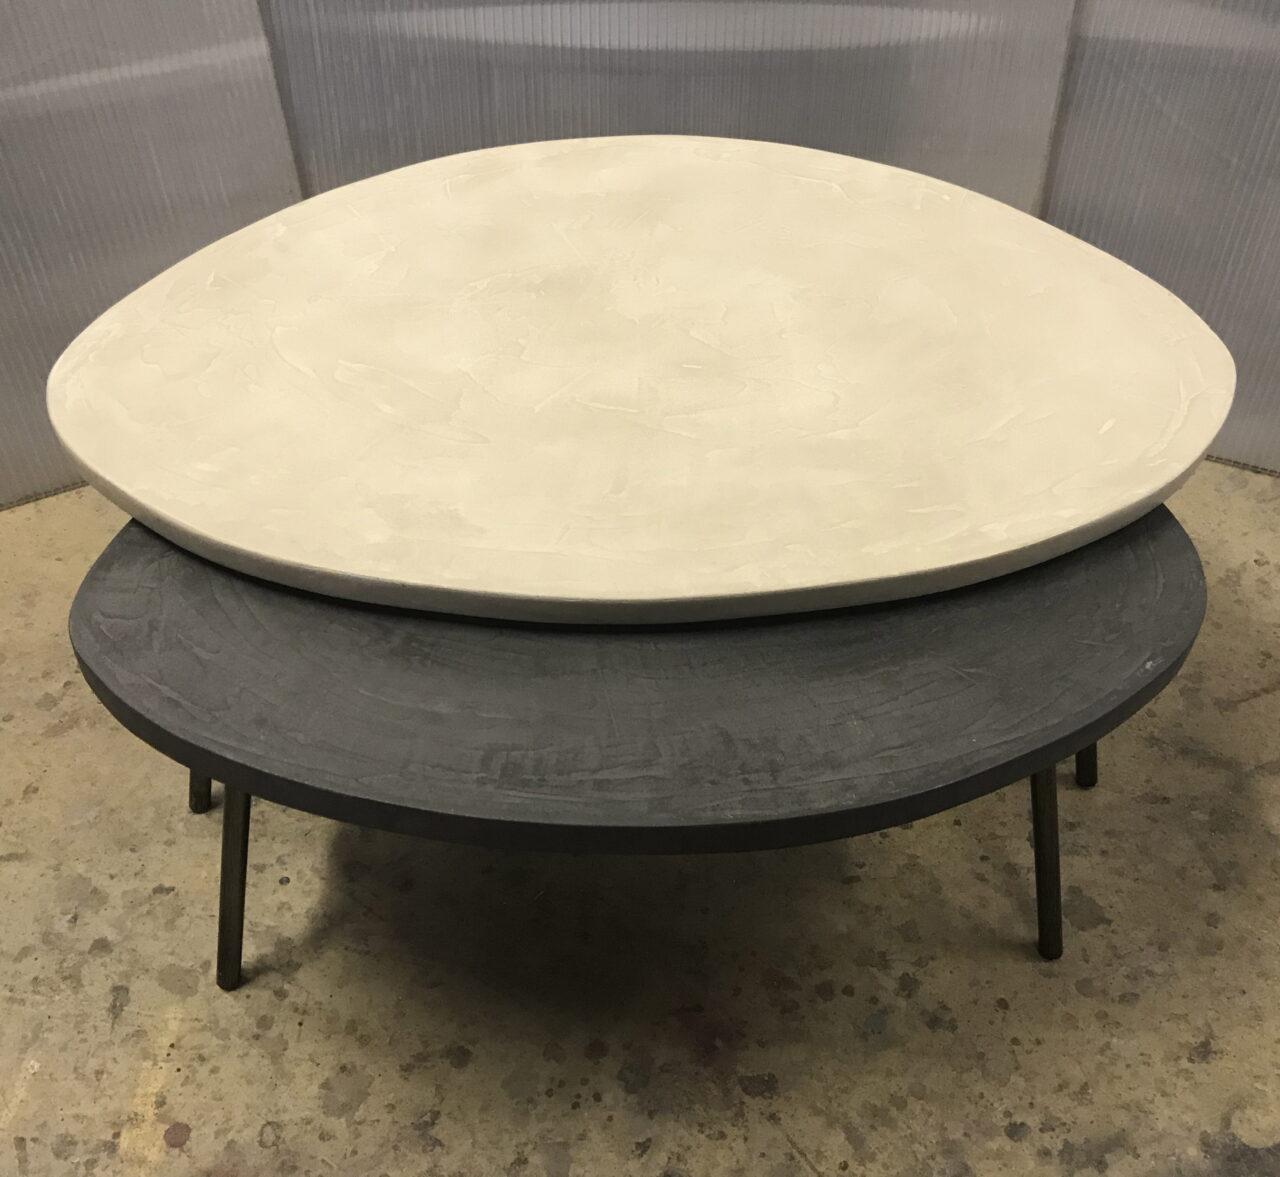 table basse design italien affordable meuble design. Black Bedroom Furniture Sets. Home Design Ideas